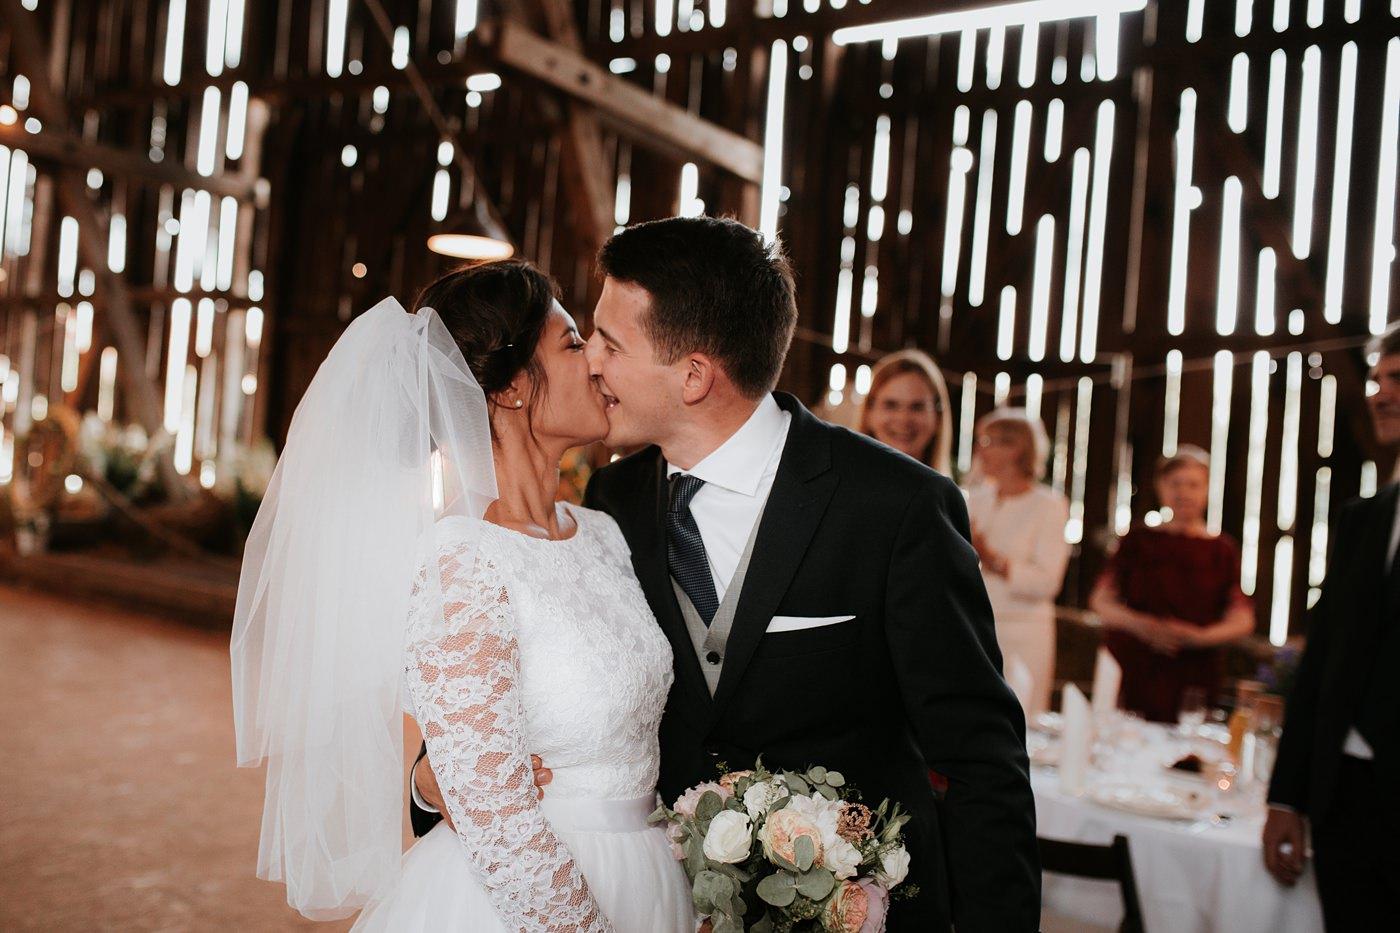 Dominika & Aleksander - Rustykalne wesele w stodole - Baborówko 101